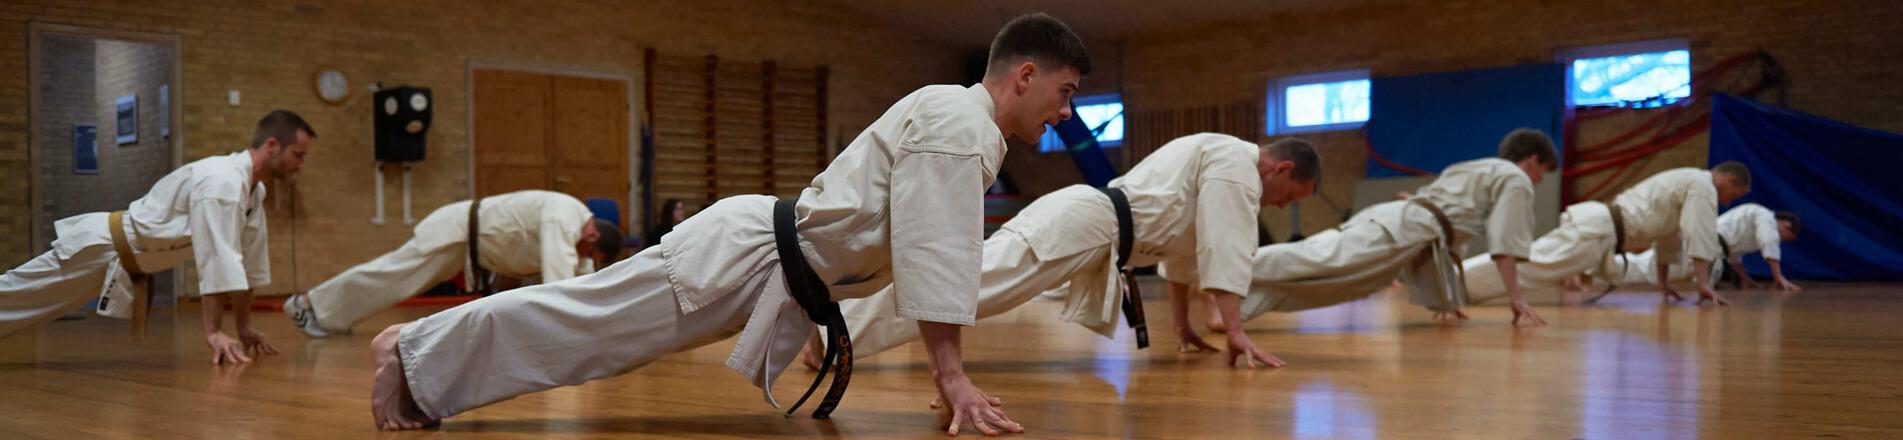 Farum Kyokushin Karate - Forsidebillede